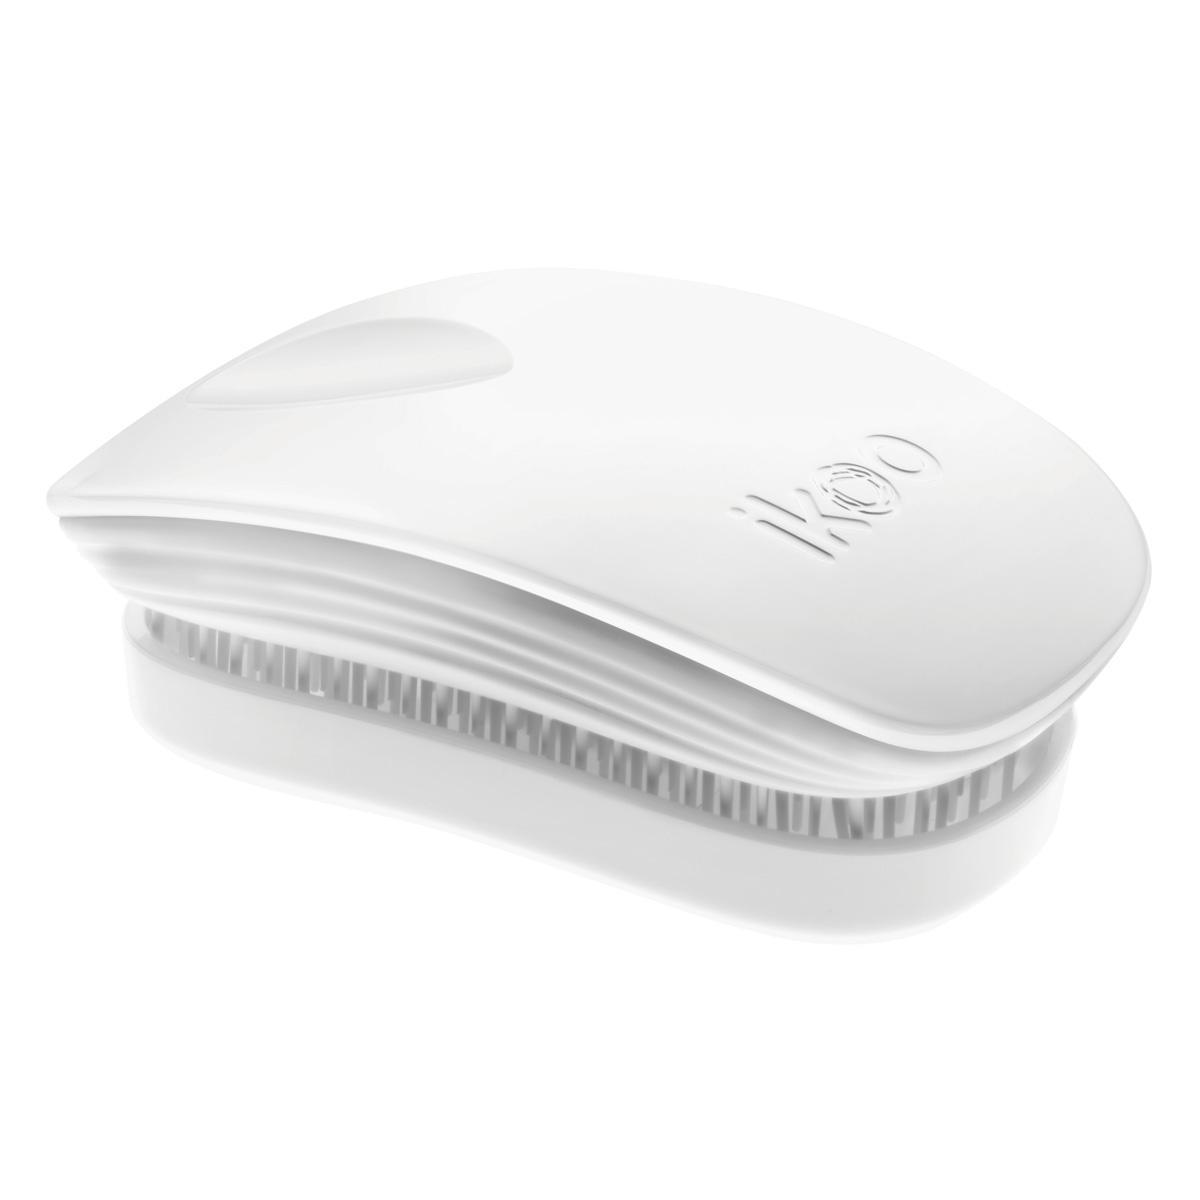 Ikoo Расческа-детанглер Pocket Classic WhiteMP59.4Dikoo Pocket – расческа для тех, кто всегда в движенииЕсли Вы не хотите упускать шанс всегда иметь под рукой удобную расческу, а также оставить позади секущиеся концы и поврежденные волосы, то карманная версия расчески iKoo – то, что Вам нужно!«Младшая сестра» ikoo Pocket обладает всеми качествами оригинальной версии, а также имеет удобную крышку, которая предохранит расческу от загрязнений, а Вашу сумку – от попадания волос. Ikoo – это расческа-детанглер, которая:- придает объем и блеск волосам- массирует кожу головы- позволяет заботиться о волосах даже во время расчесывания и не оставляет шанса секущимся кончикам- легко распутывает влажные волосы- распутывает волосы без болиУникальный подход щетки ikoo — расположение и структура щетинок, которые позволяют не только легко распутывать и расчесывать волосы, но и делать массаж головы в соответствии с принципами традиционной китайской медицины. Щетинки стимулируют энергетические меридианы и рефлексогенные зоны, что также положительно влияет на вегетативную нервную систему. Благодаря оптимальной степени твердости щетины, волосы распутываются легко и без вытягивания. Щетка ikoo сохраняет свою функциональность даже после долговременного использования.Щетки ikoo изготовлены из высококачественной смолы и акрила. Для комфортного использования корпус щетки отделан натуральной резиной, что помогает надежно удерживать щетку в руке. Скомбинировав эти три материала, мы избежали использования дерева и натуральной щетины, так как эти материалы подходят не для всех типов волос, а также труднее очищаются. Щетки ikoo соблюдают все гигиенические стандарты за счет своего состава. В процессе разработки мы уделили большое внимание дизайну щетки, чтобы и правшам, и левшам было комфортно ей пользоваться.Дизайн расчески основан на принципах традиционной китайской медицины, которые практикуются уже более 2000 лет, и до сих пор. Согласно им, массаж головы оказывает гармонизирующий эффект на вес